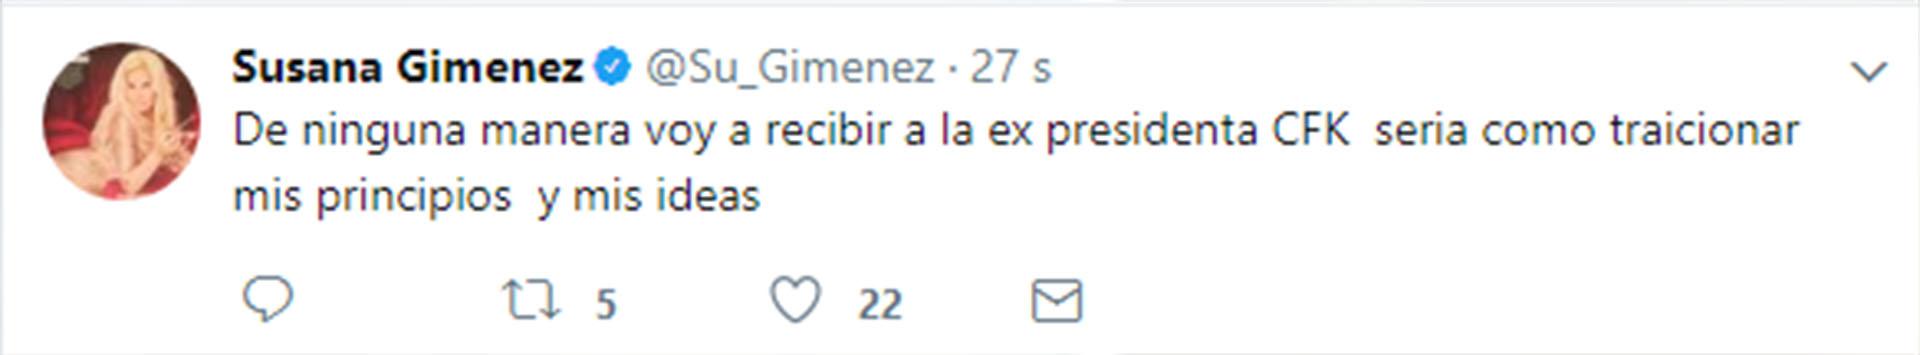 El mensaje que publicó Susana en Twitter